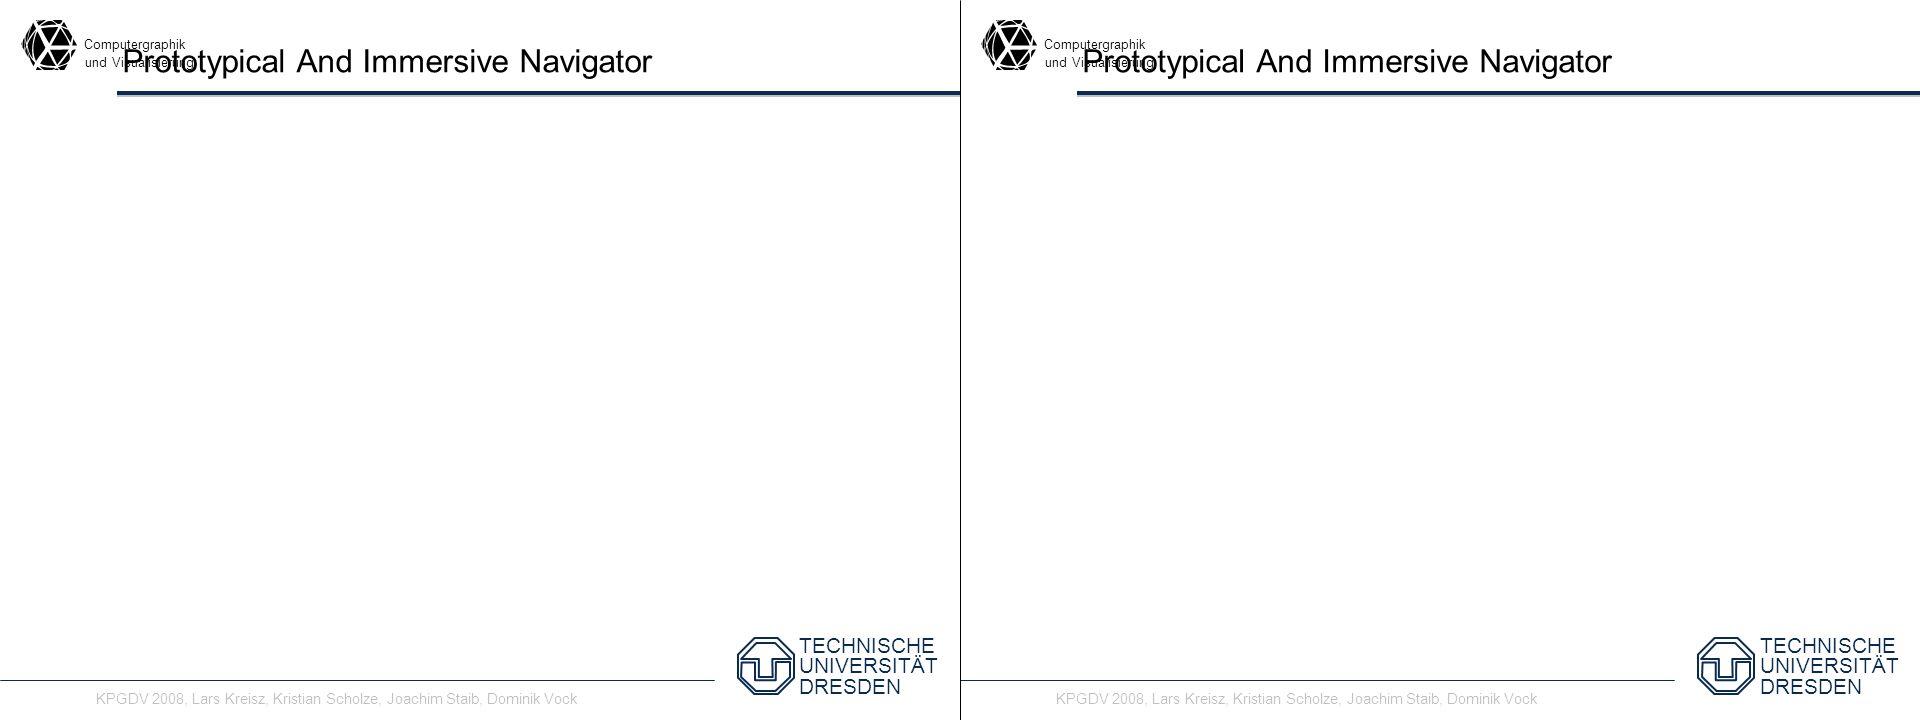 TECHNISCHE UNIVERSITÄT DRESDEN Computergraphik undVisualisierung TECHNISCHE UNIVERSITÄT DRESDEN Lehrstuhl CGV, Dipl.-Medieninf. Norbert Blenn, 2007 Co